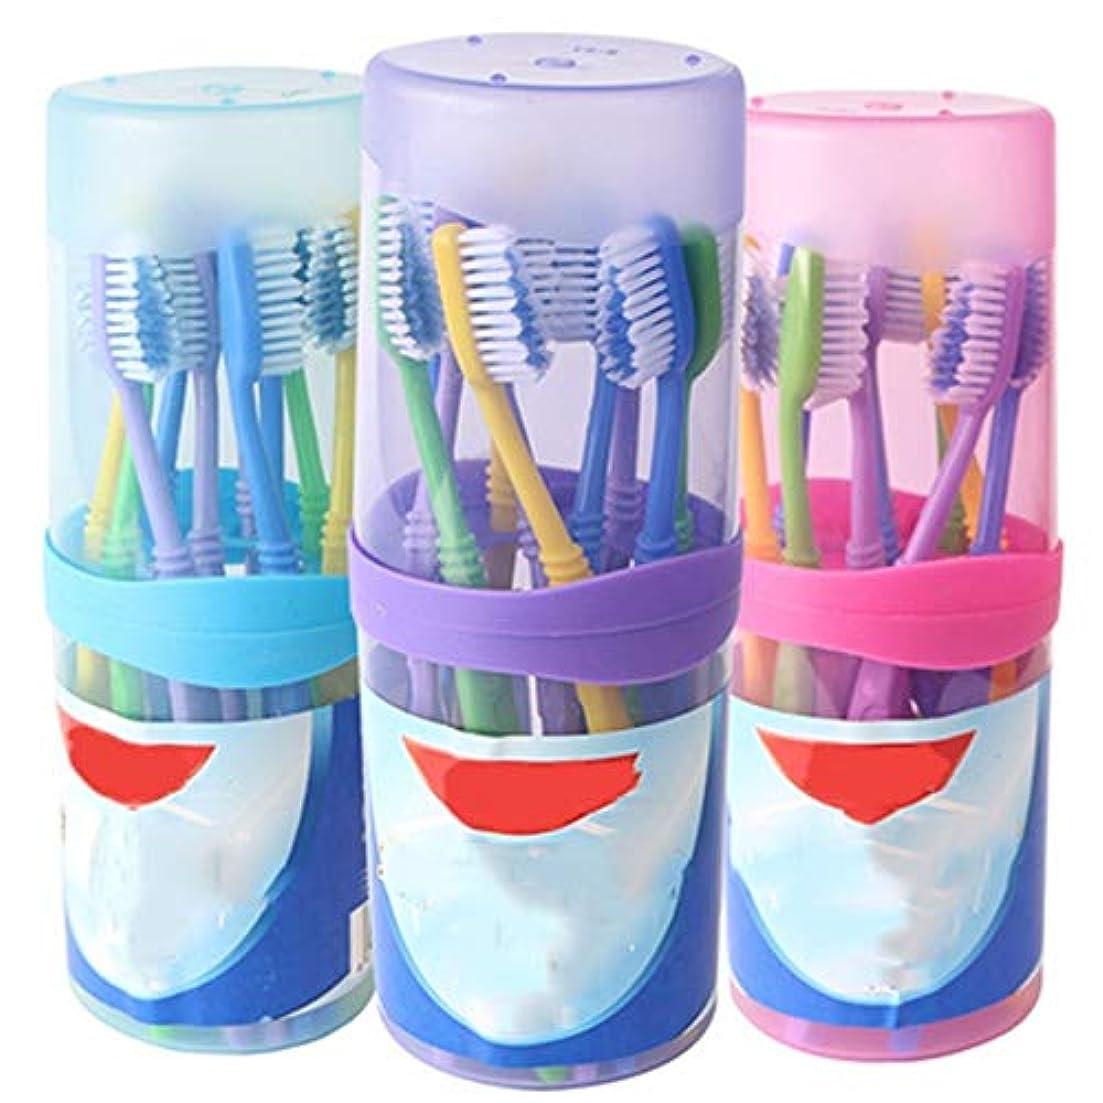 ピービッシュ保証する事実上歯ブラシ 30本の歯ブラシ、バルク大人歯ブラシ、歯茎のためのクリーンタルタルとケア - 使用可能なスタイルの2種類 HL (色 : A, サイズ : 30 packs)